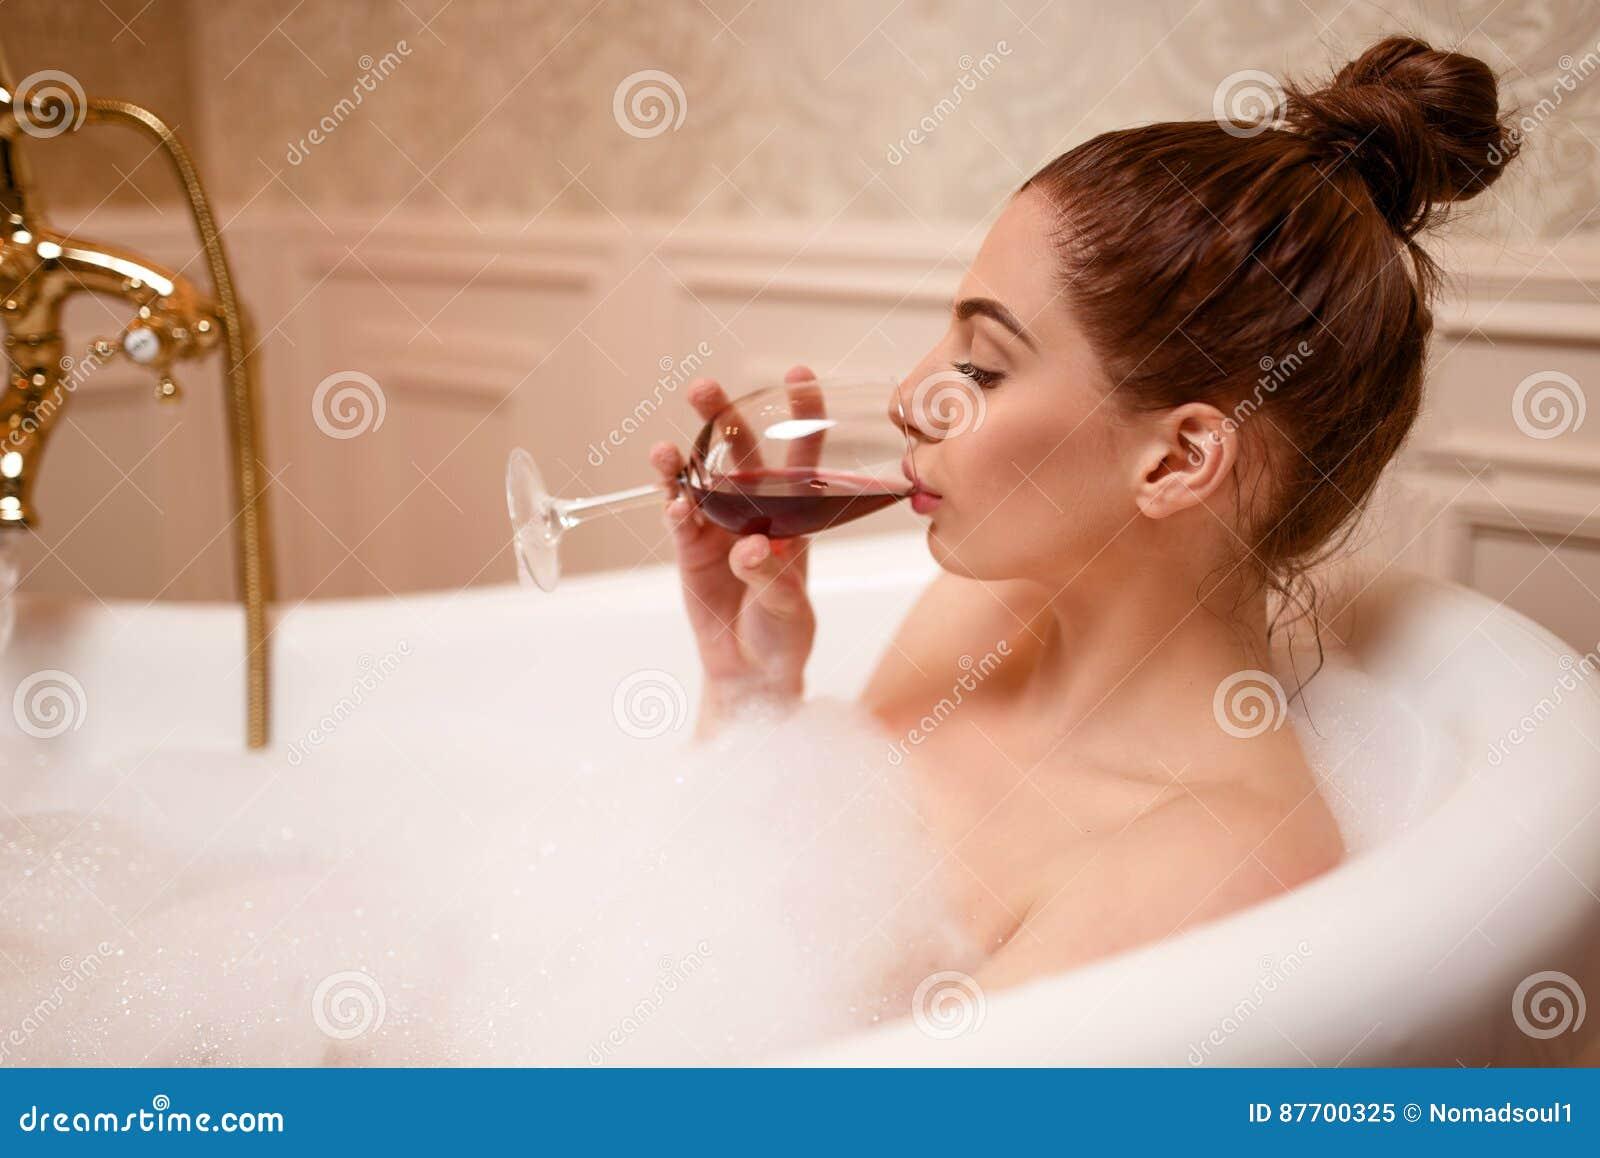 Femme buvant du vin rouge dans la baignoire